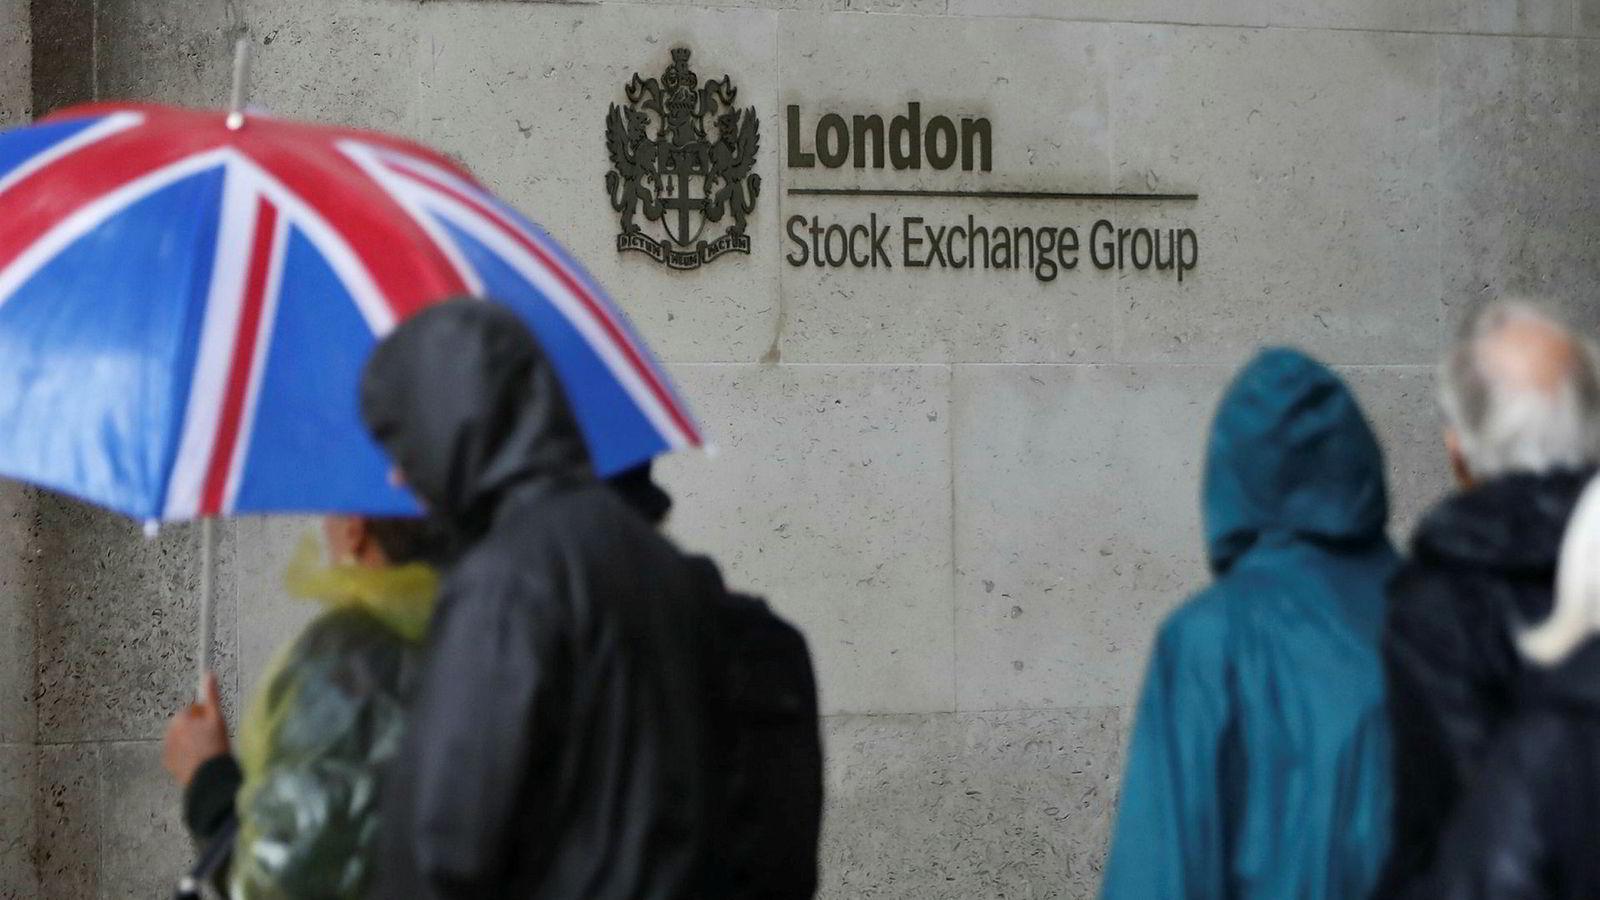 Investorene må være forberedt på uro og uvær på børsen i London i dagene og ukene fremover.